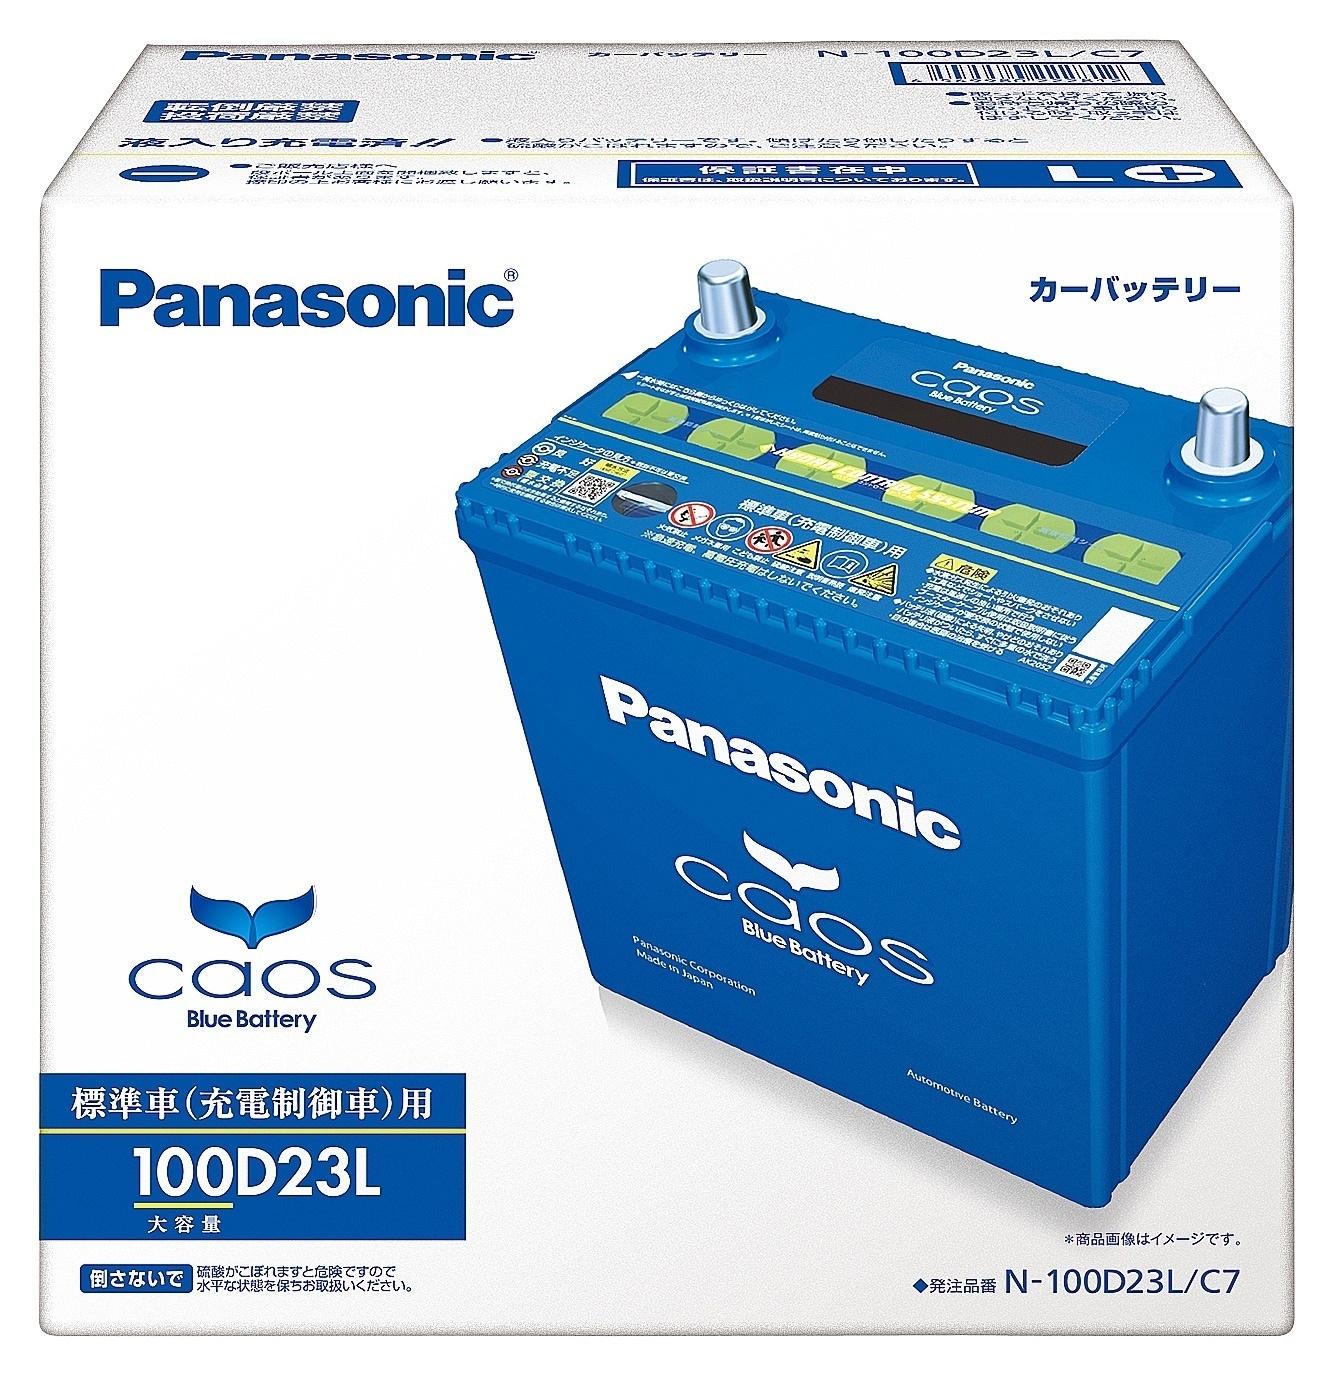 カオス N-100D23L/C7